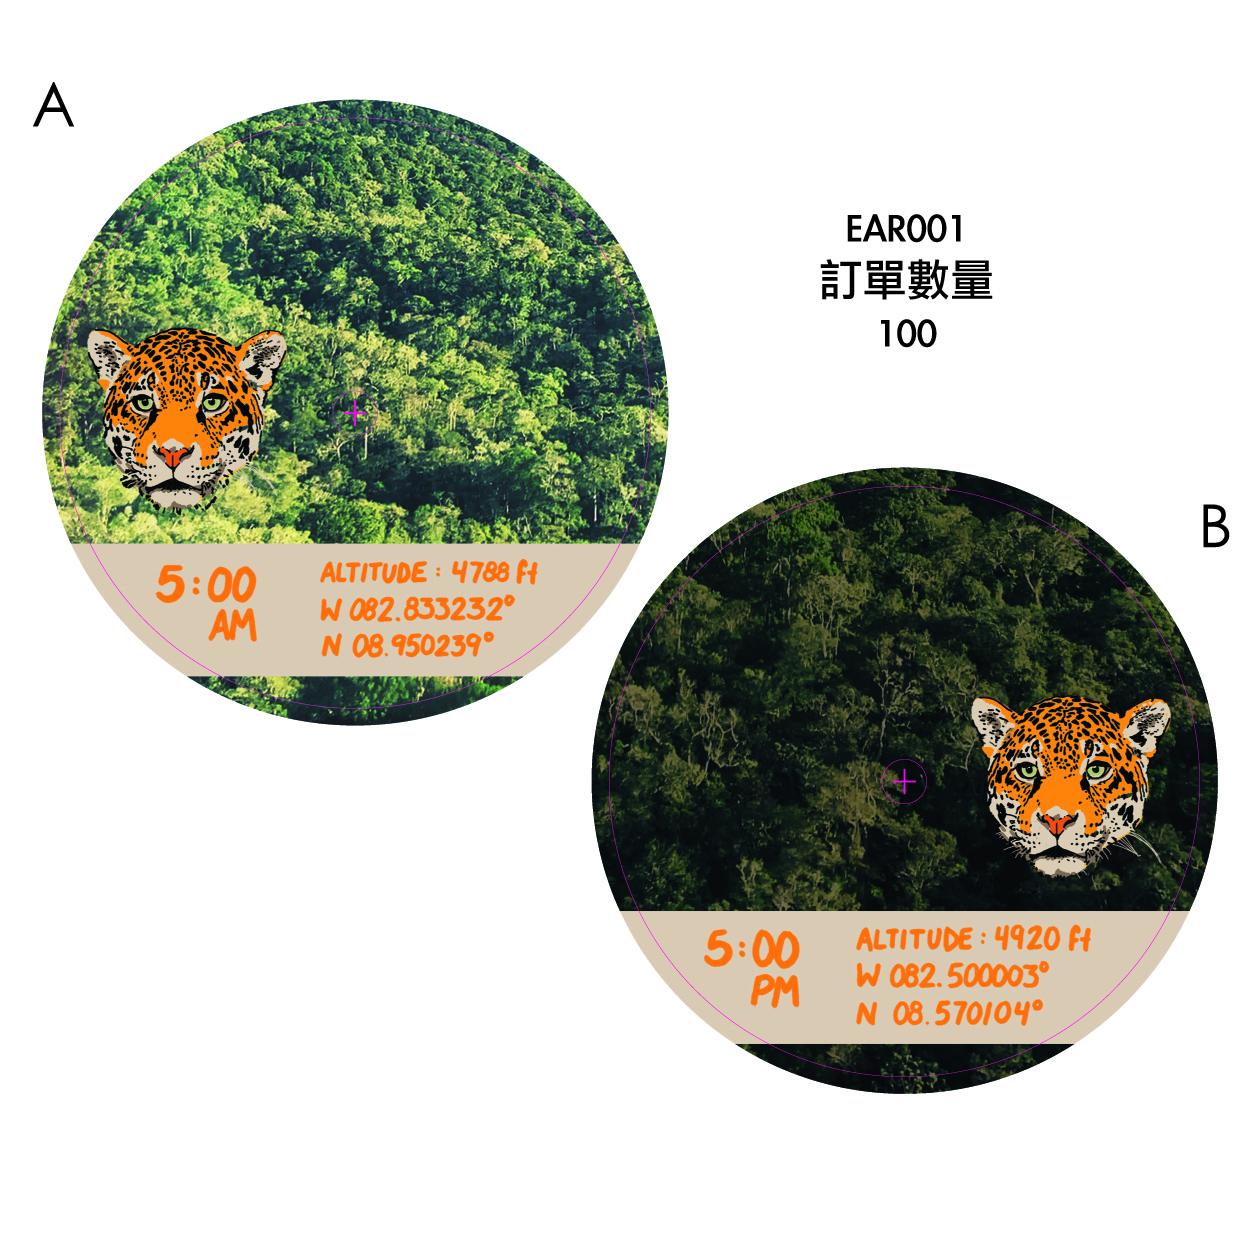 Entrevue : Enregistrements écologiques ambisoniques de la forêt tropicale